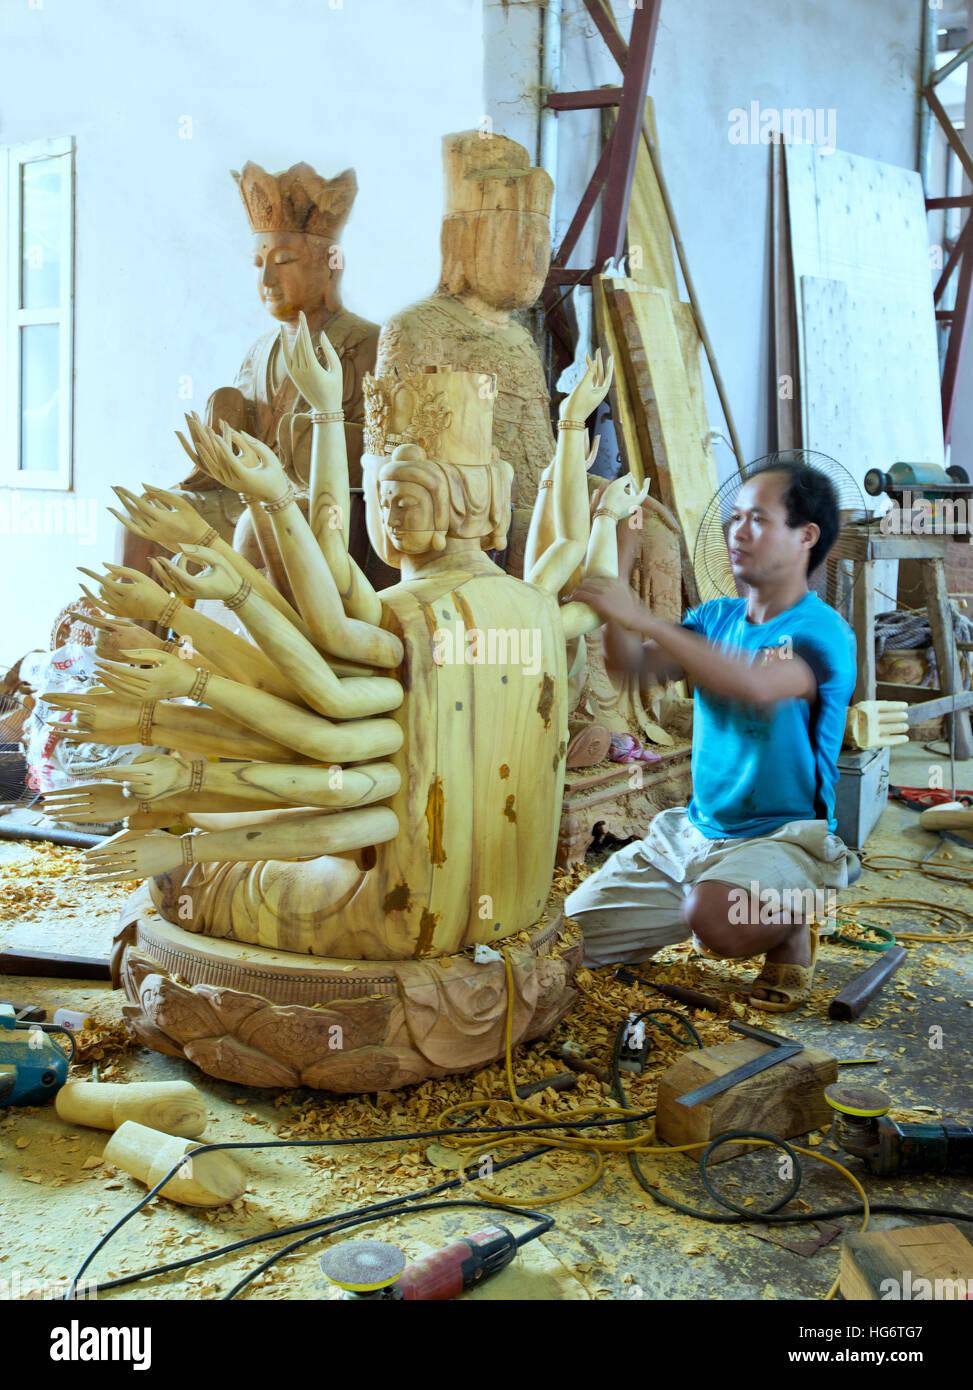 """Abschluss der Holzschnitzerei von Avalokiteshvara (Guanyin) 1000 Augen & Arme Göttin, bekannt als """"Göttin Stockbild"""